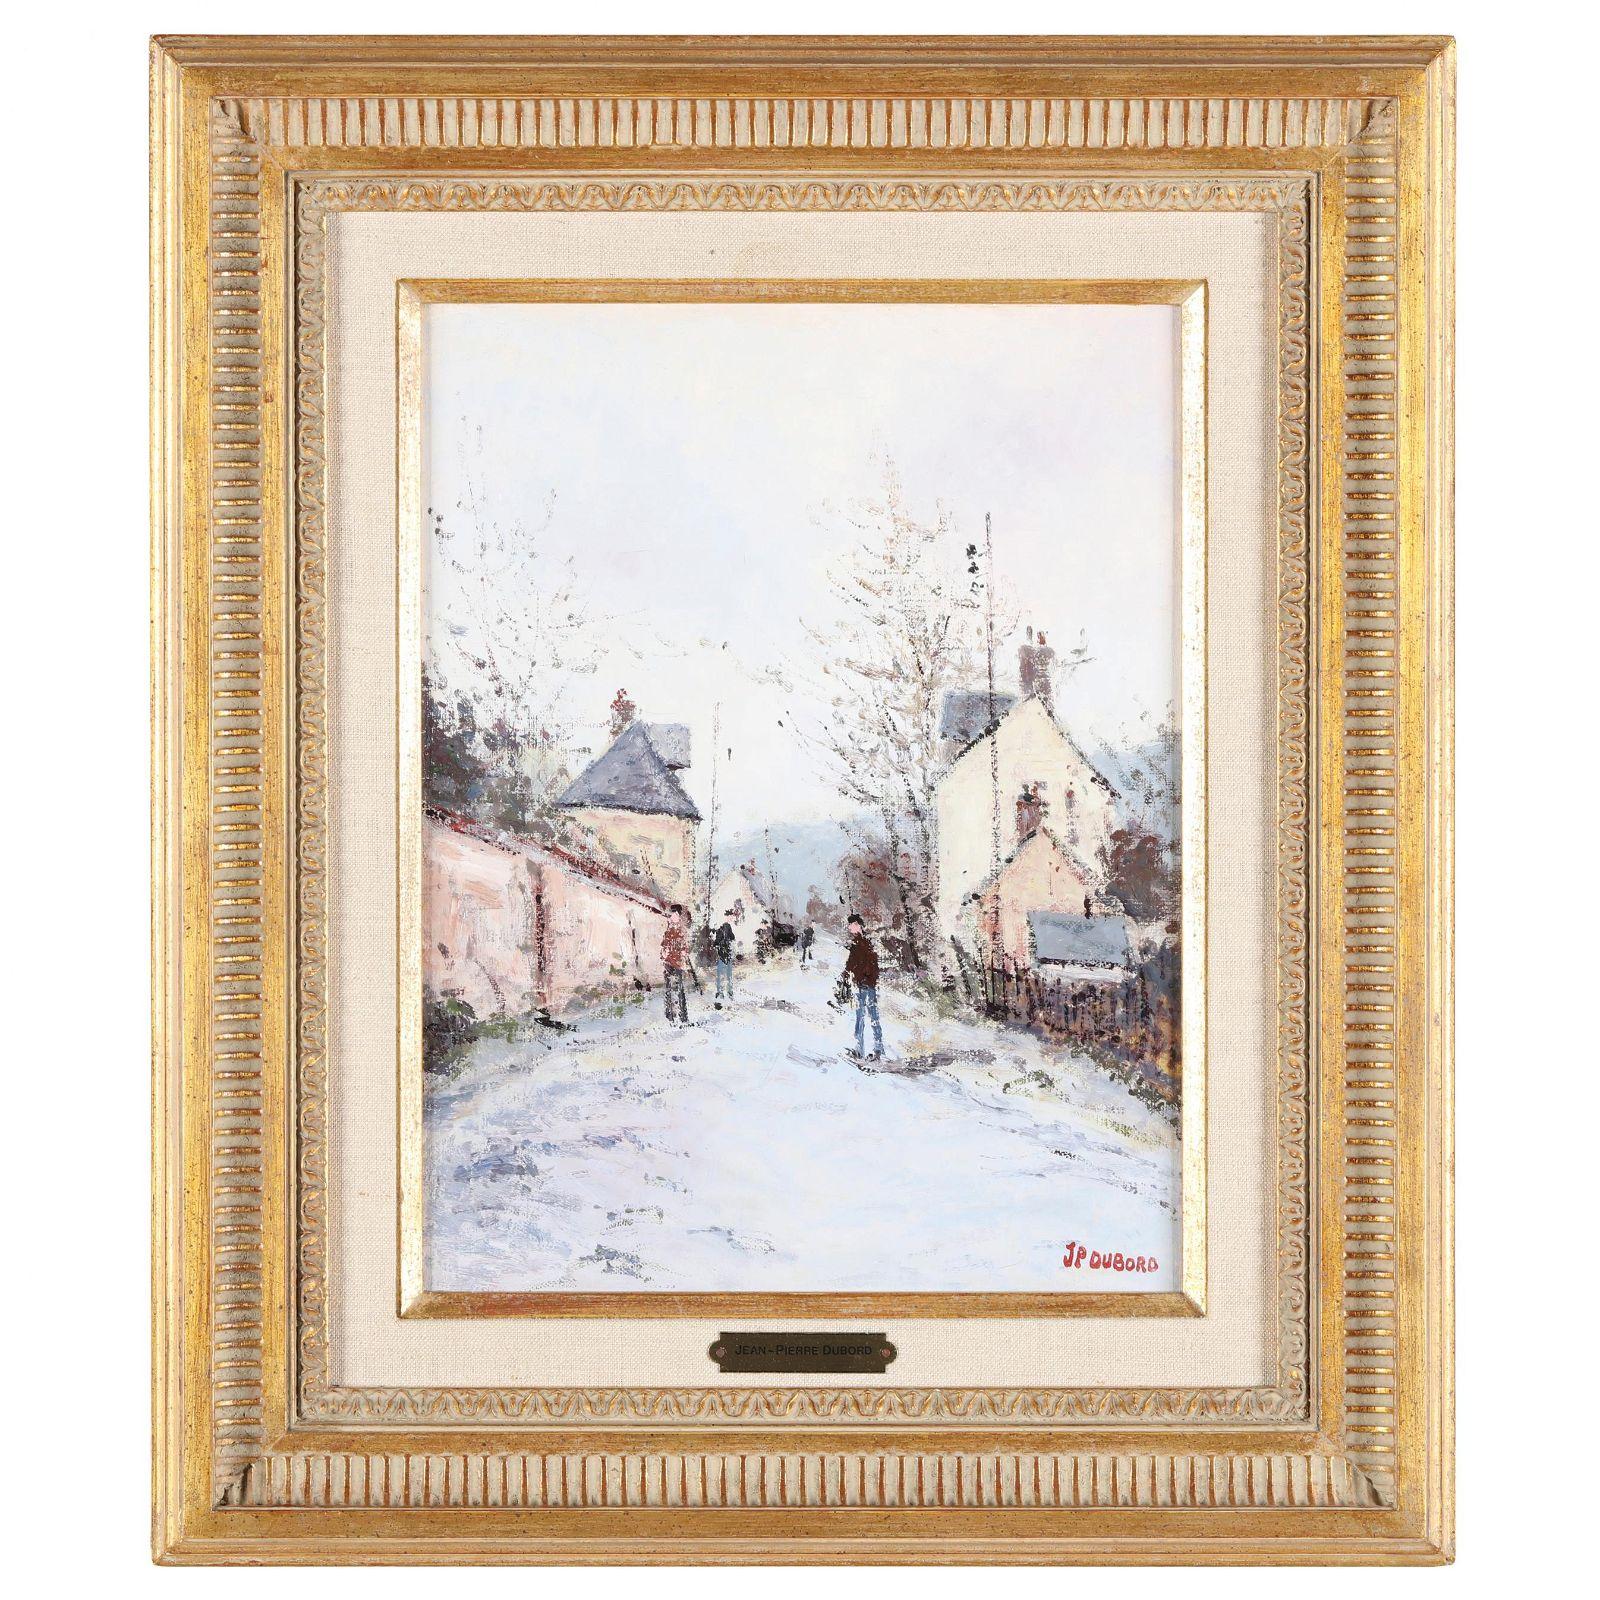 Jean-Pierre Dubord (French, born 1949), Winter Village